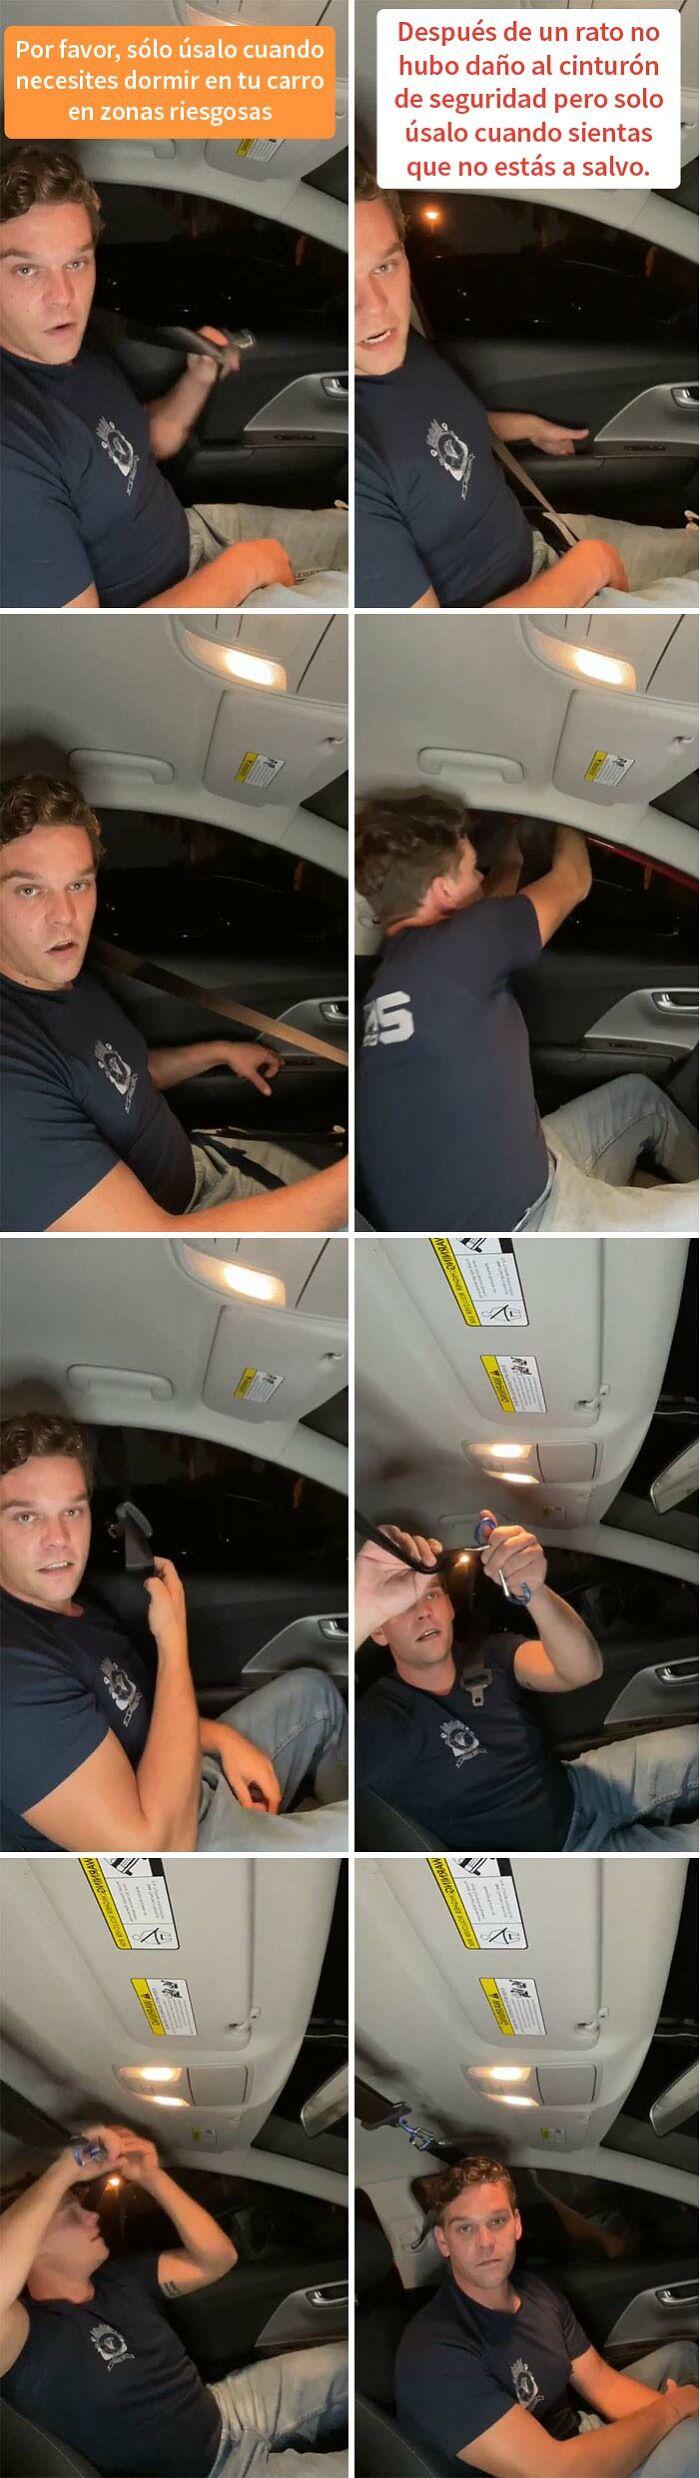 Si necesitas dormir en tu coche en zonas peligrosas